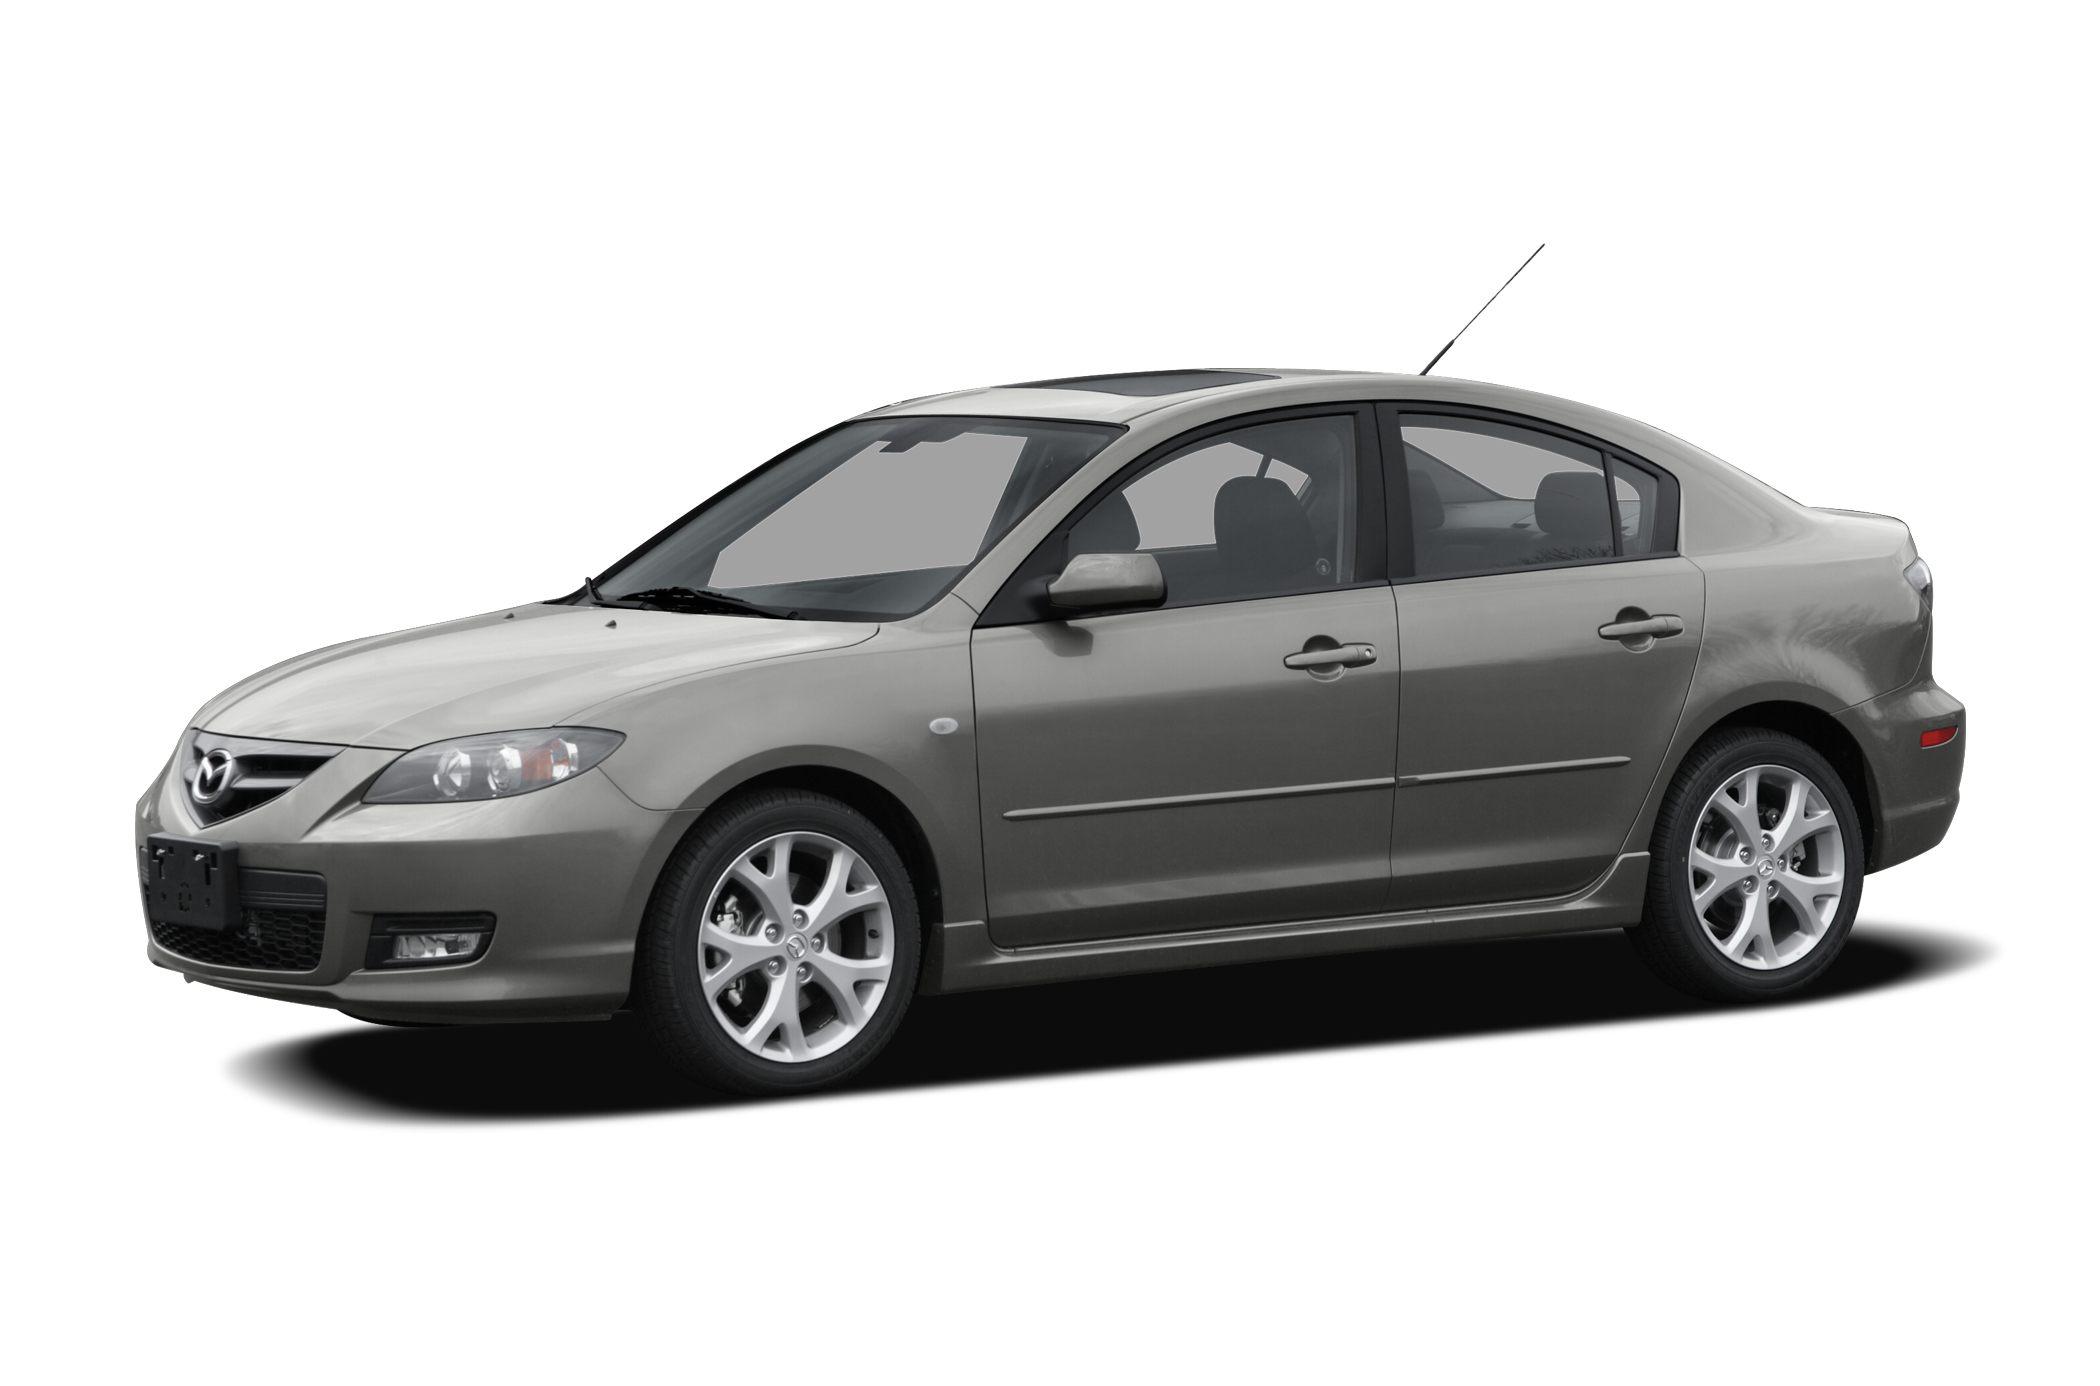 Kelebihan Mazda 3 2007 Top Model Tahun Ini